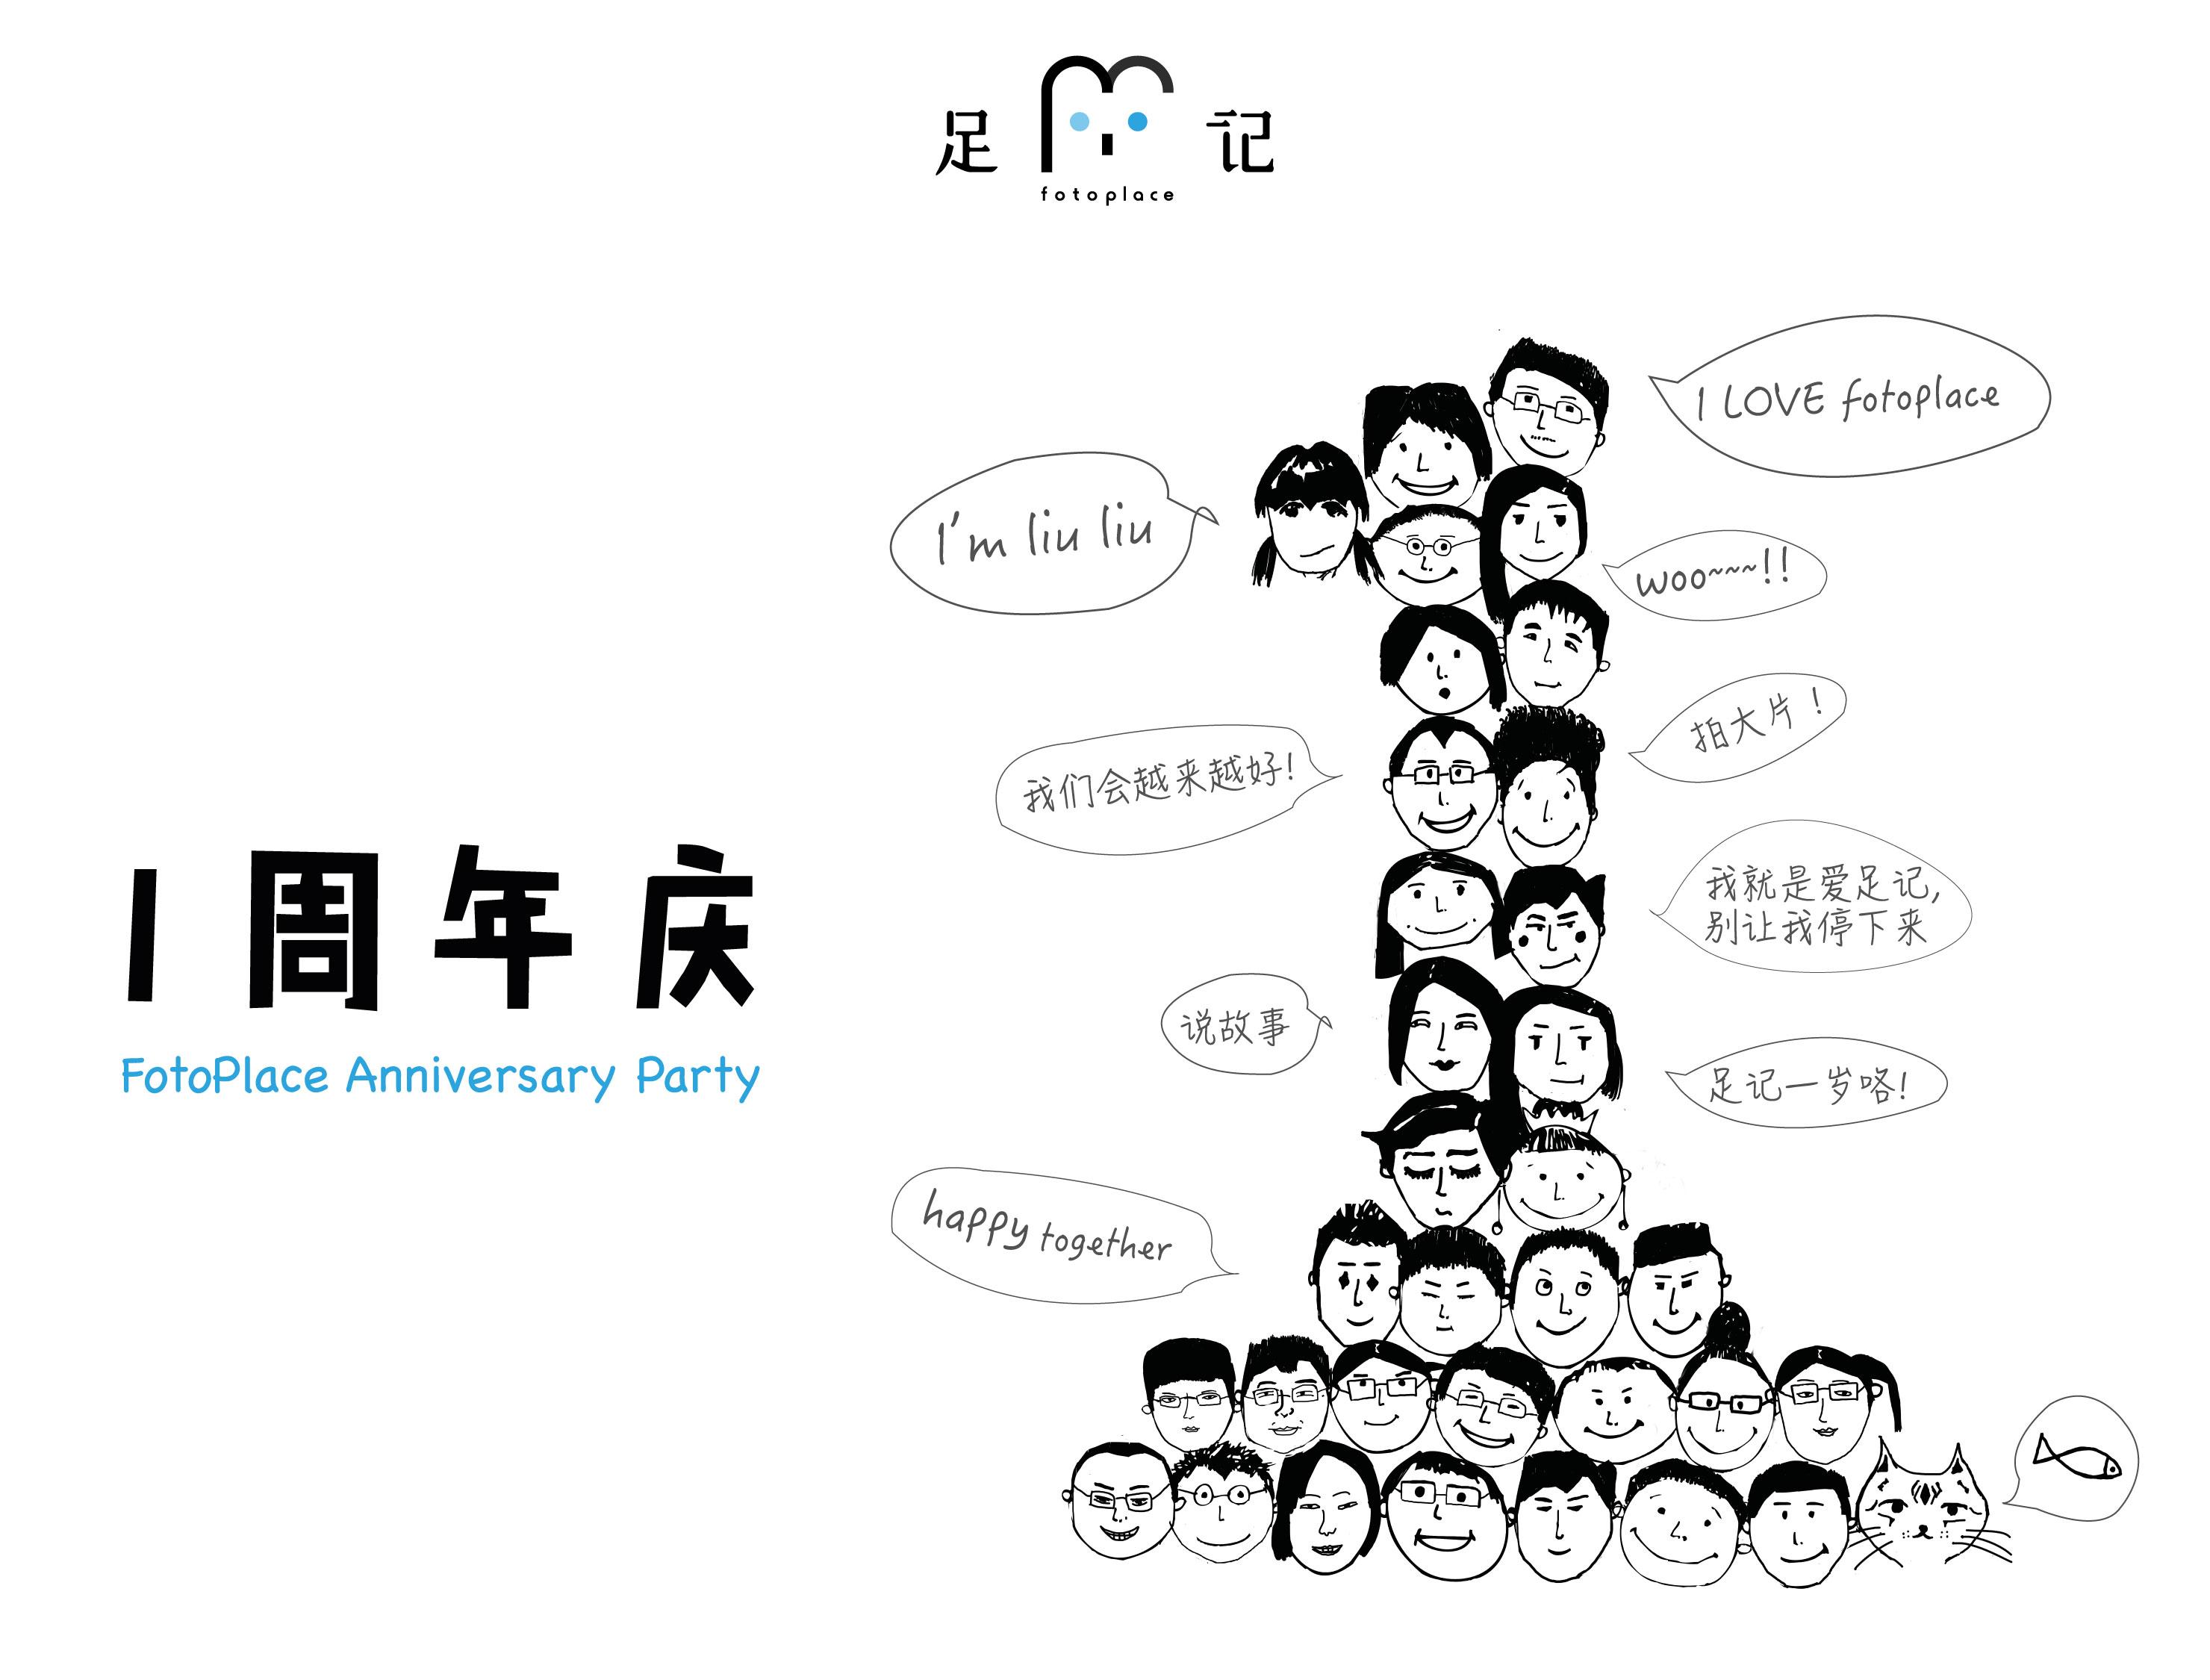 足记APP周年庆海报